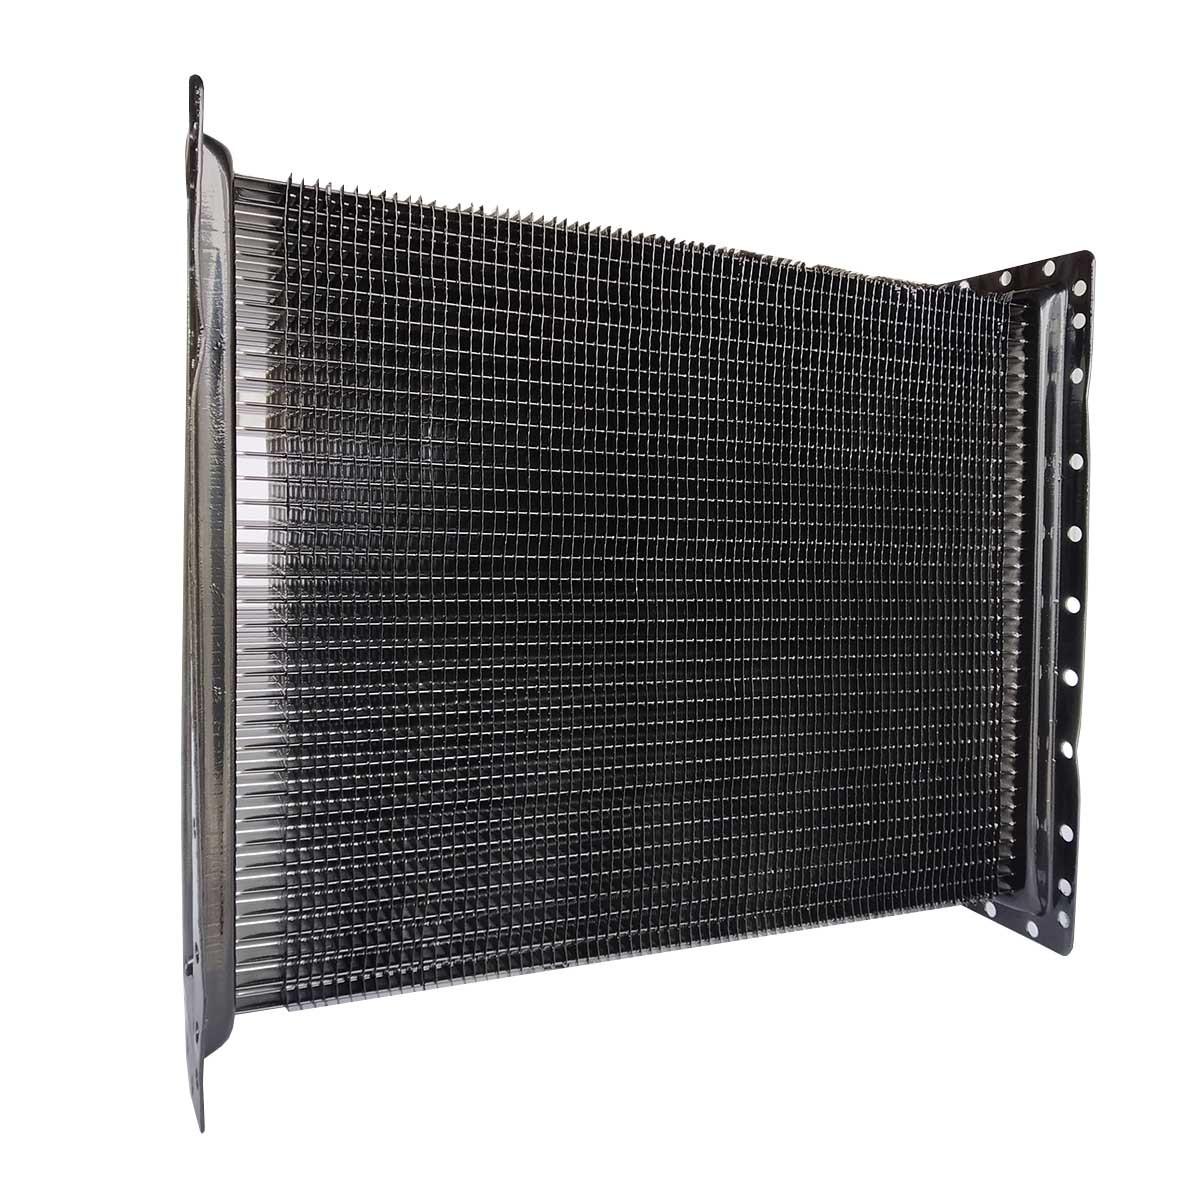 Серцевина радіатора 4-х рядна алюміній МТЗ, ЛТЗ, КС-80, Т-70С70У-1301020